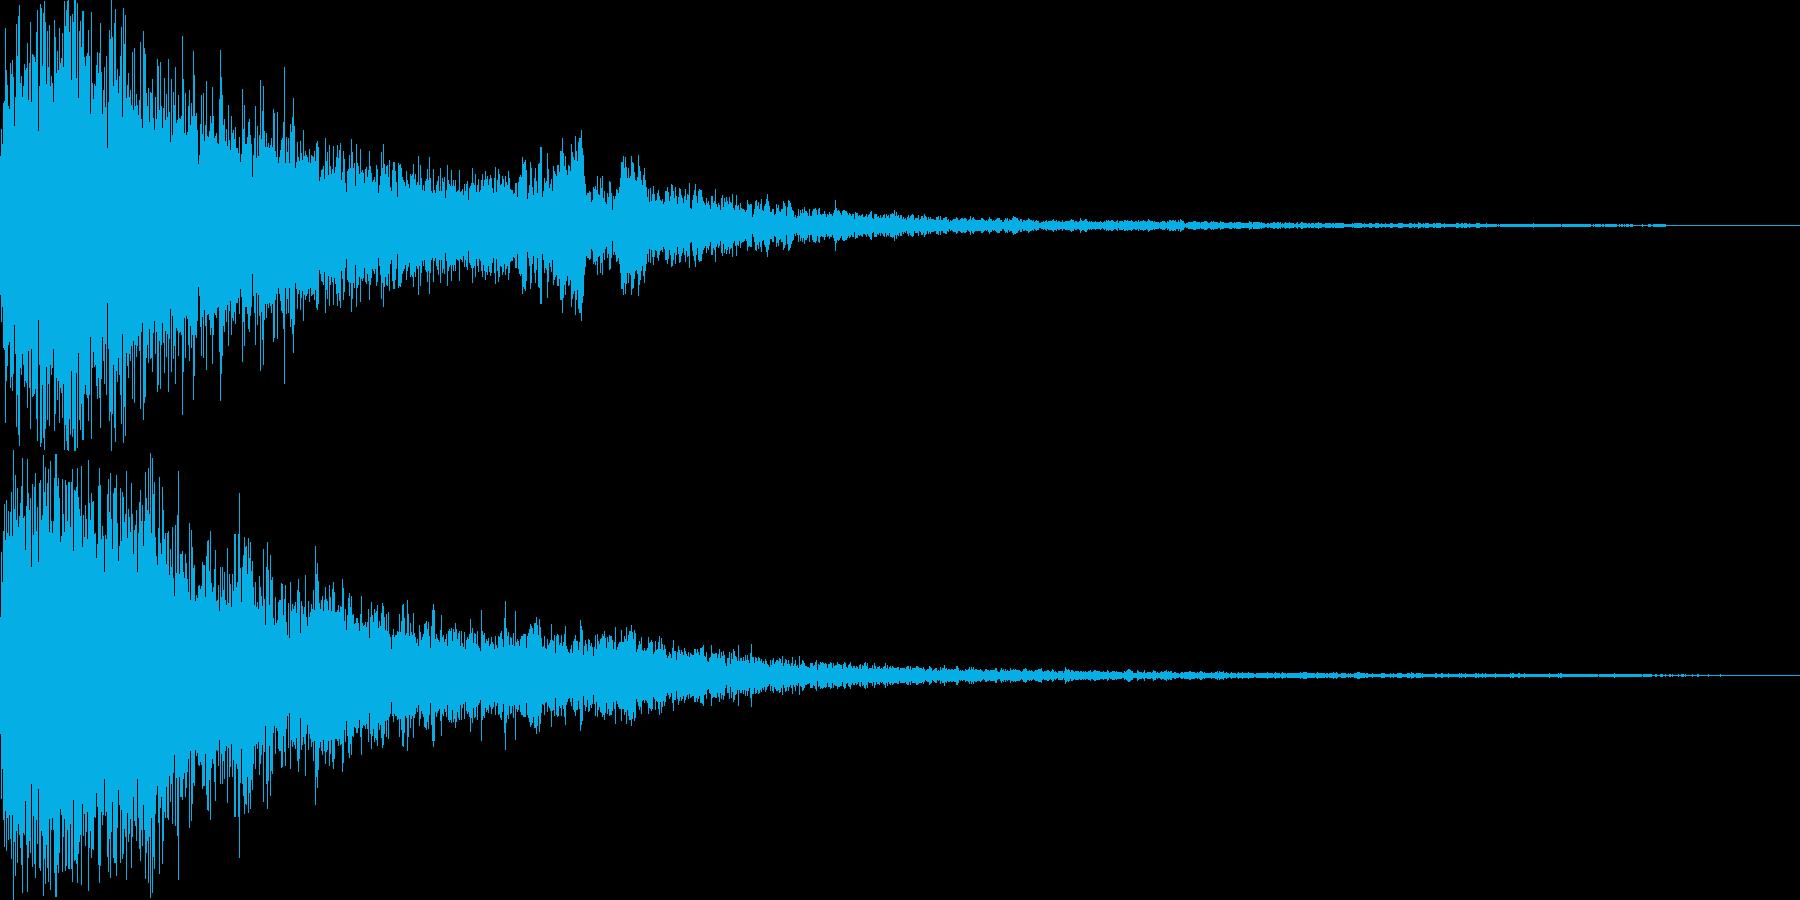 格闘ゲームのKO(フィニッシュ音)の再生済みの波形